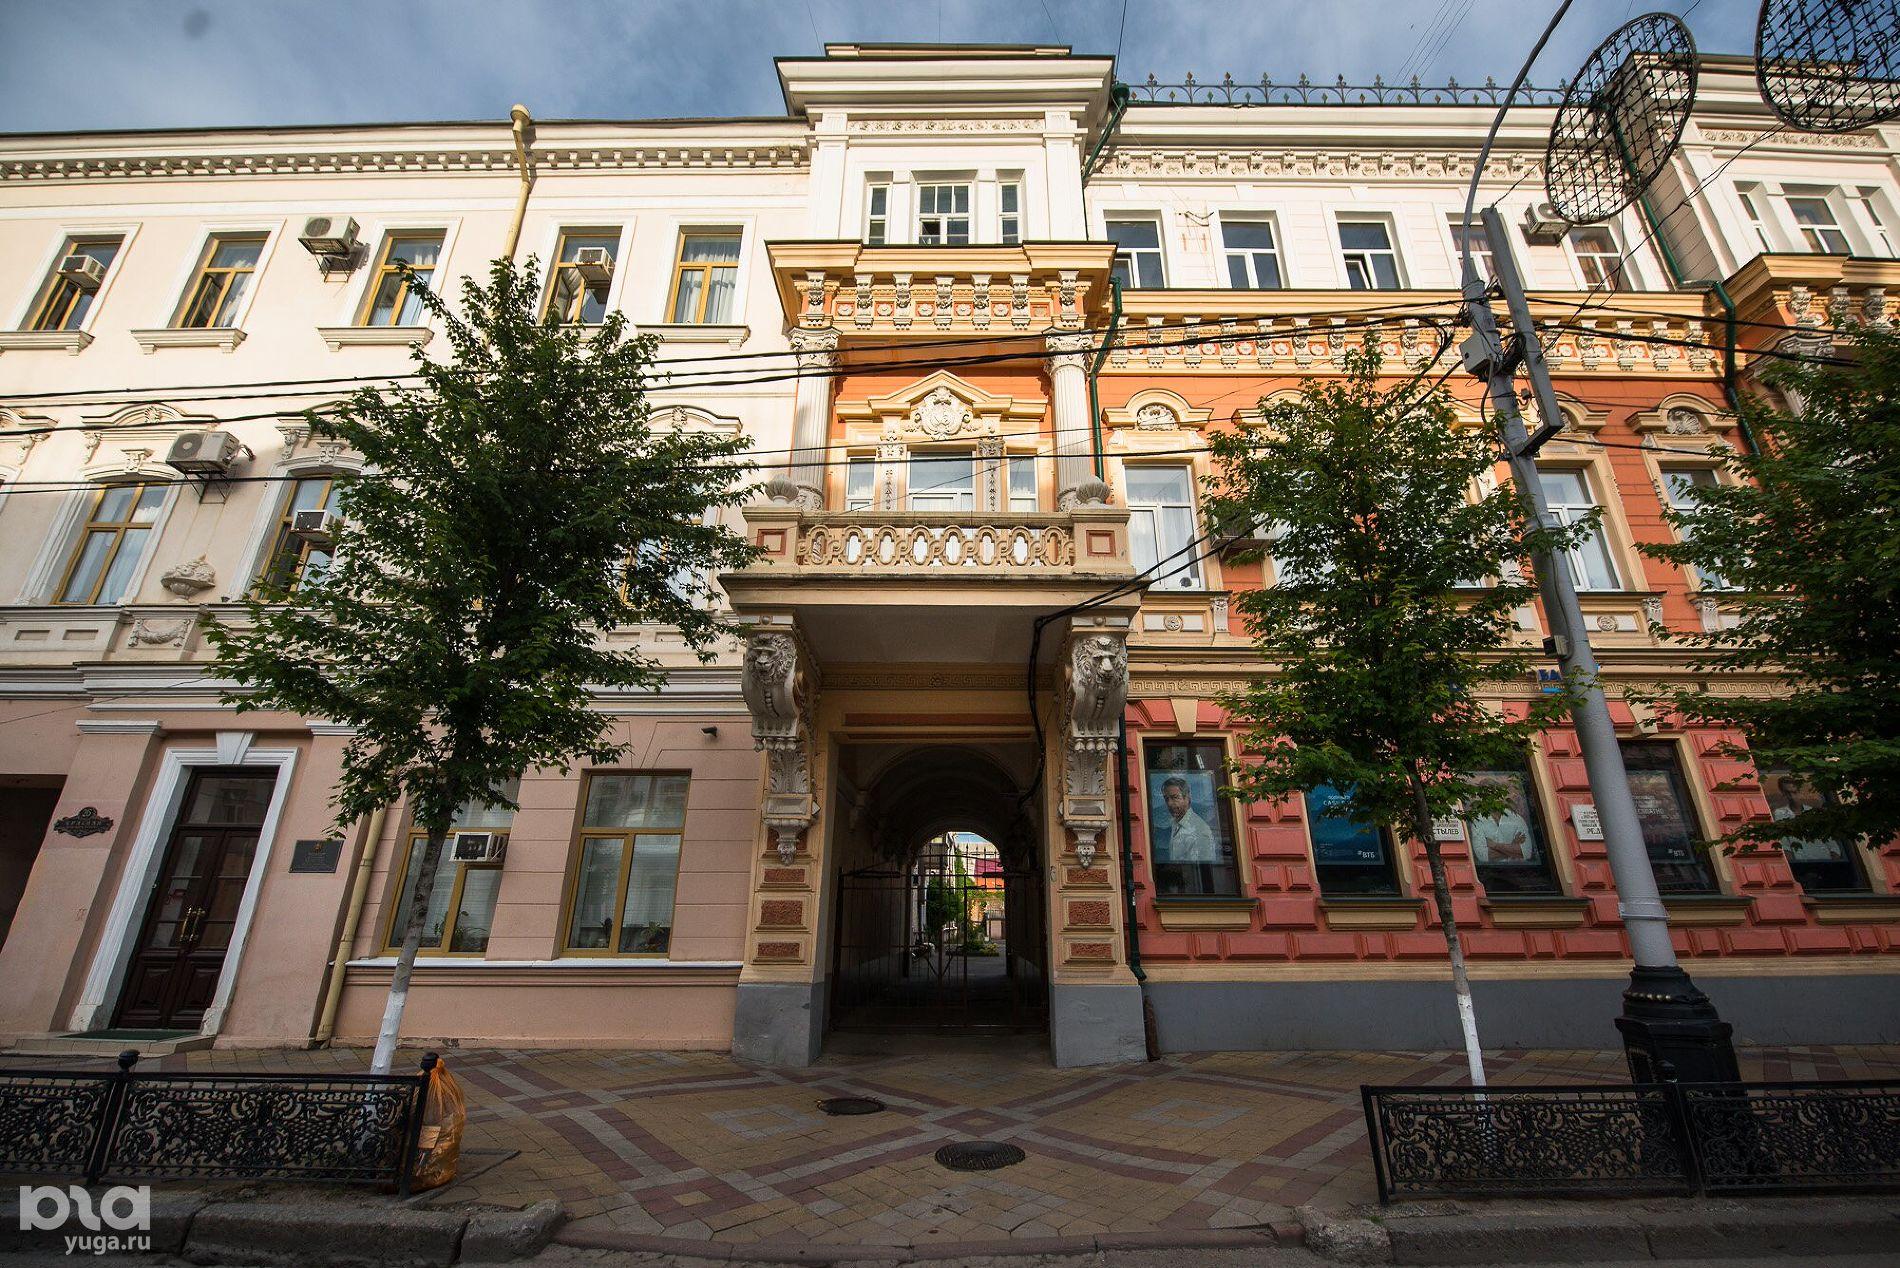 Детская библиотека имени братьев Игнатовых ©Фото Елены Синеок, Юга.ру